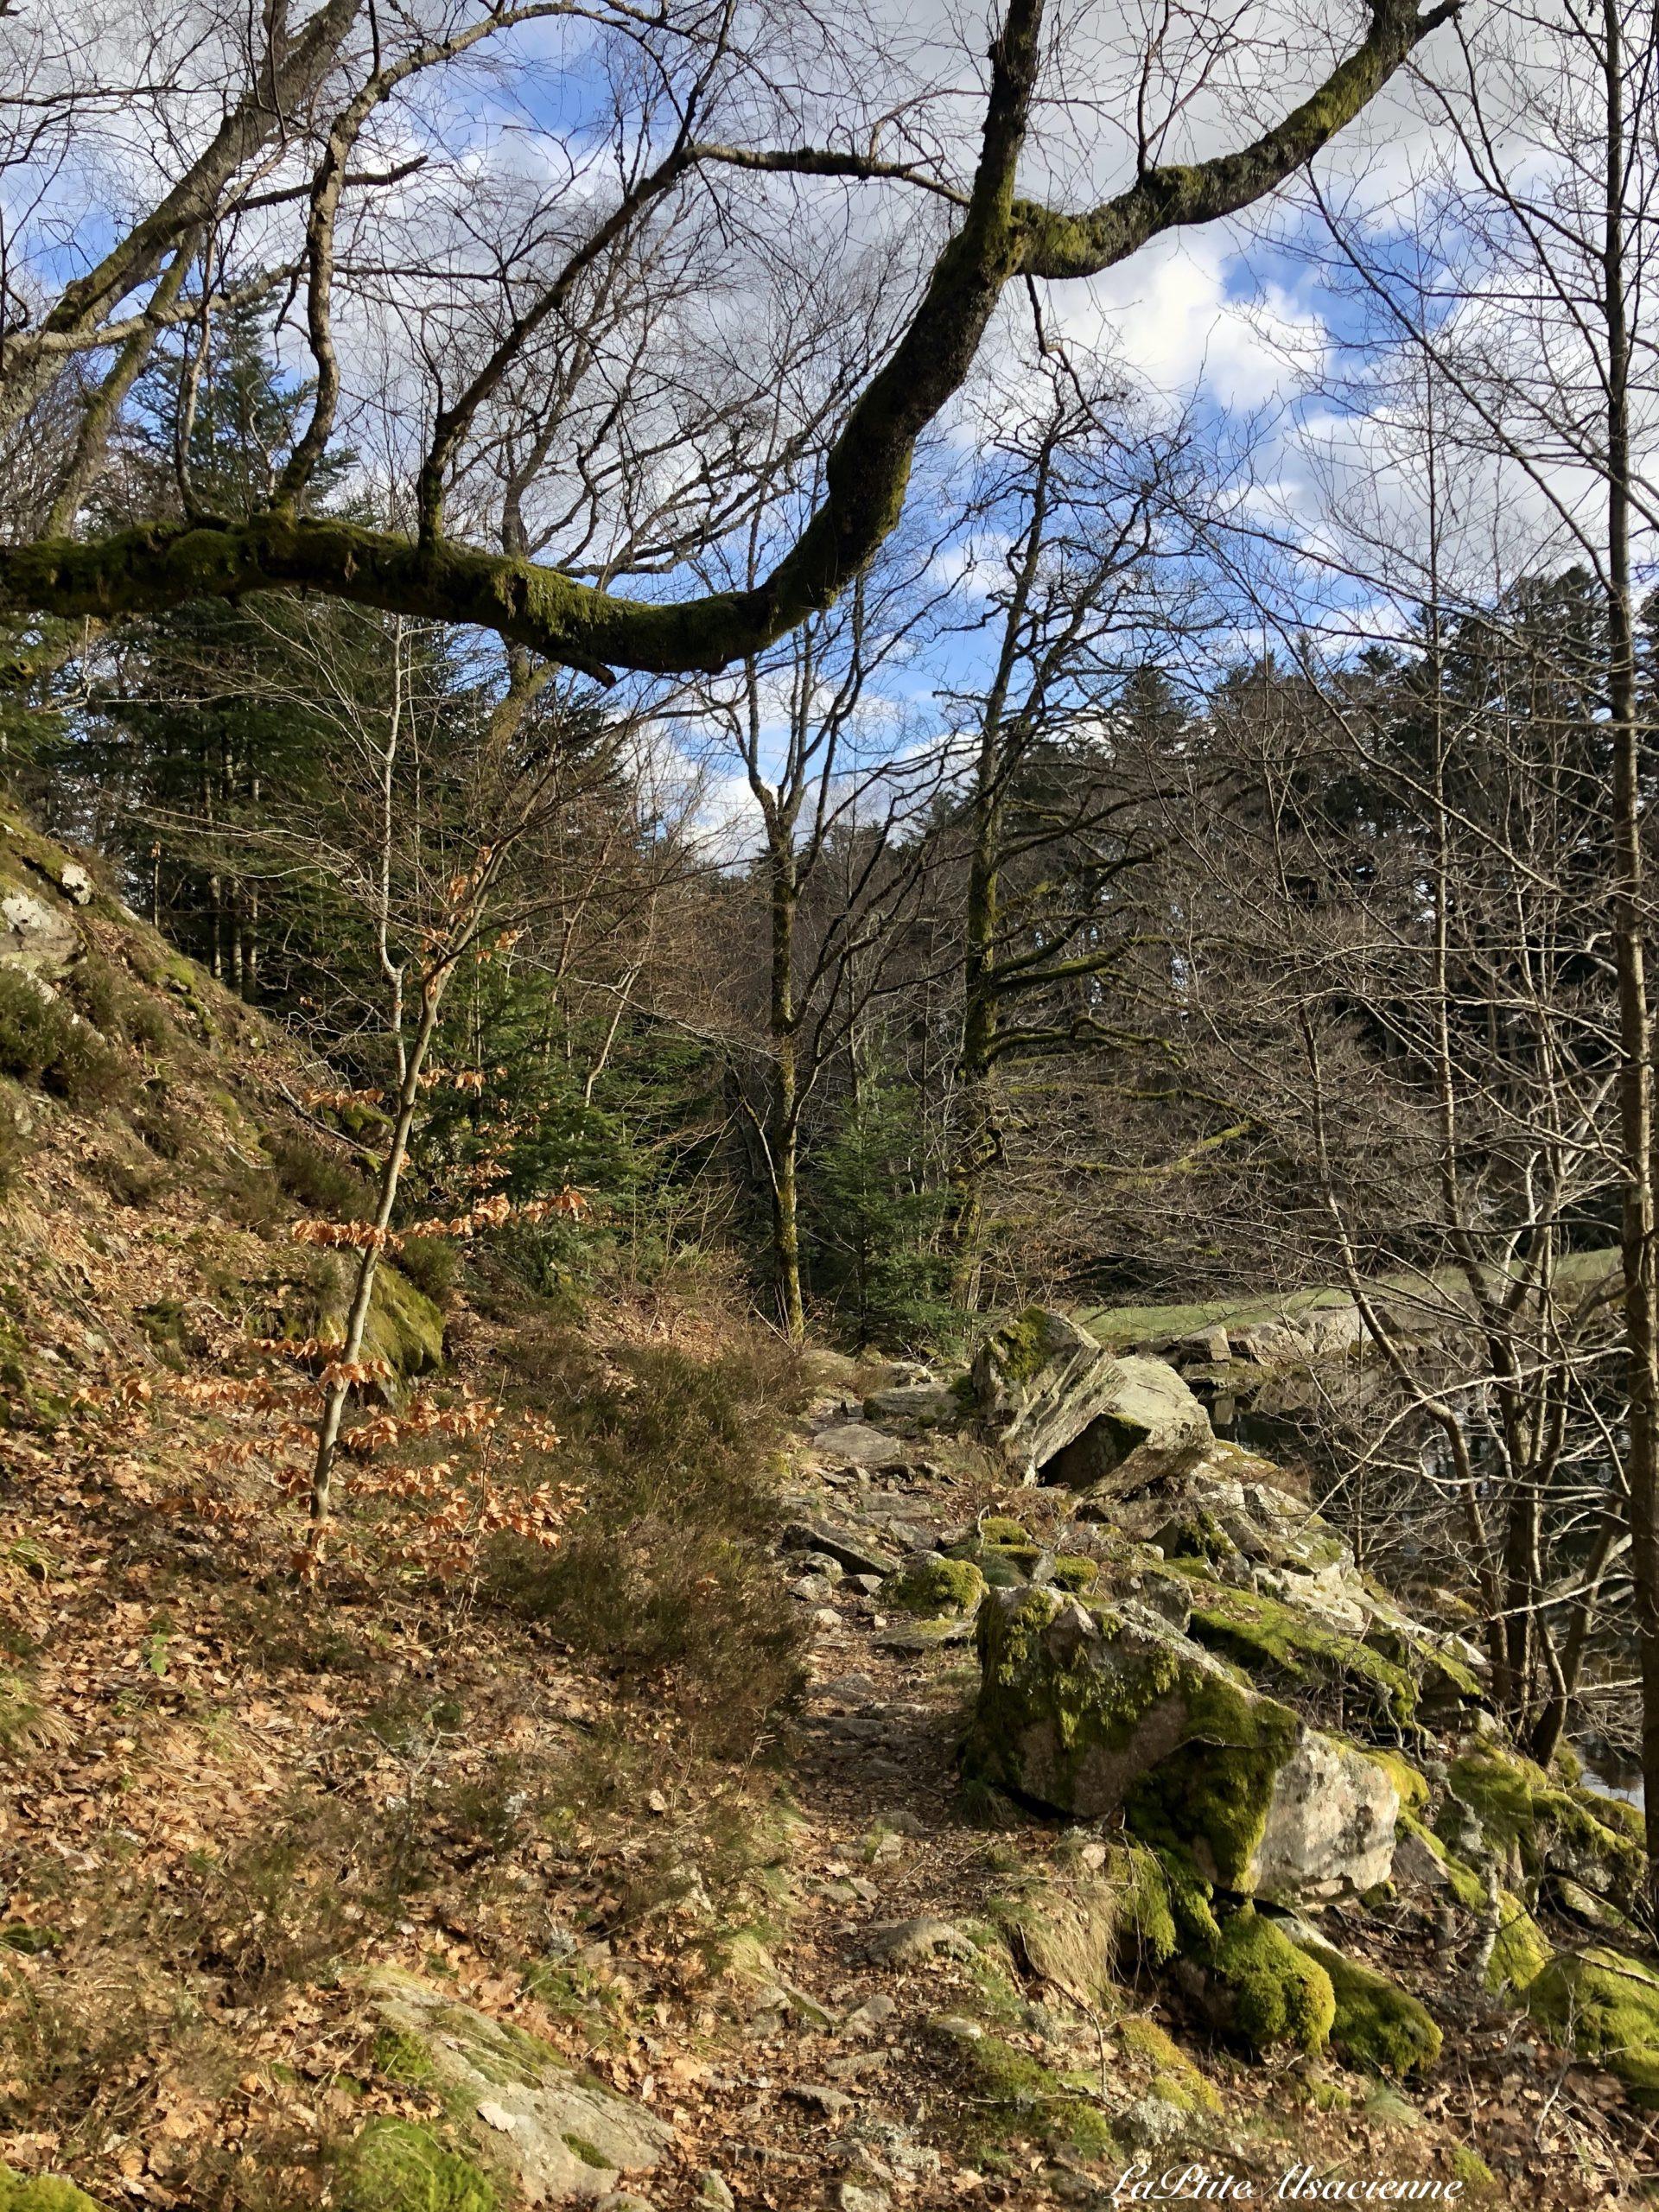 Descente par le sentier du Schiessroth vers le Lac du Schiessrothried - Photo by Cendrine Miesch dite LaPtiteAlsacienne